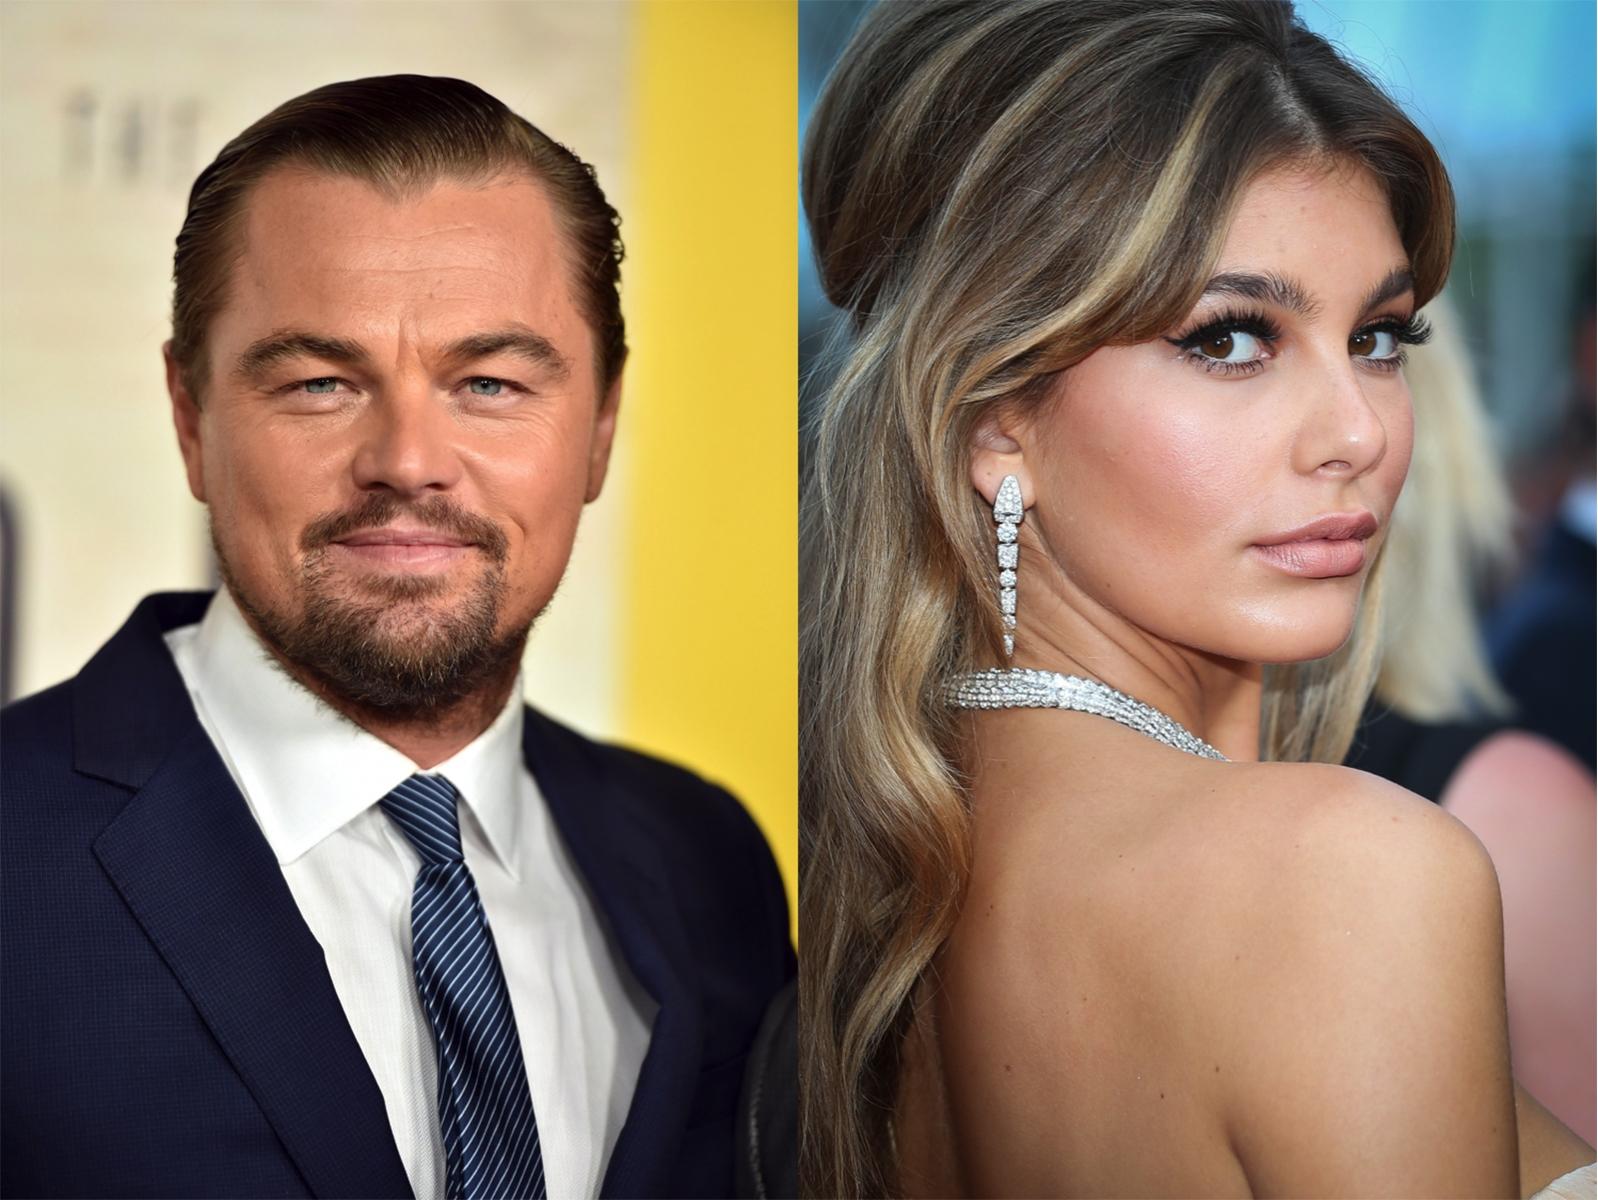 Leonardo dicaprio dating 2018